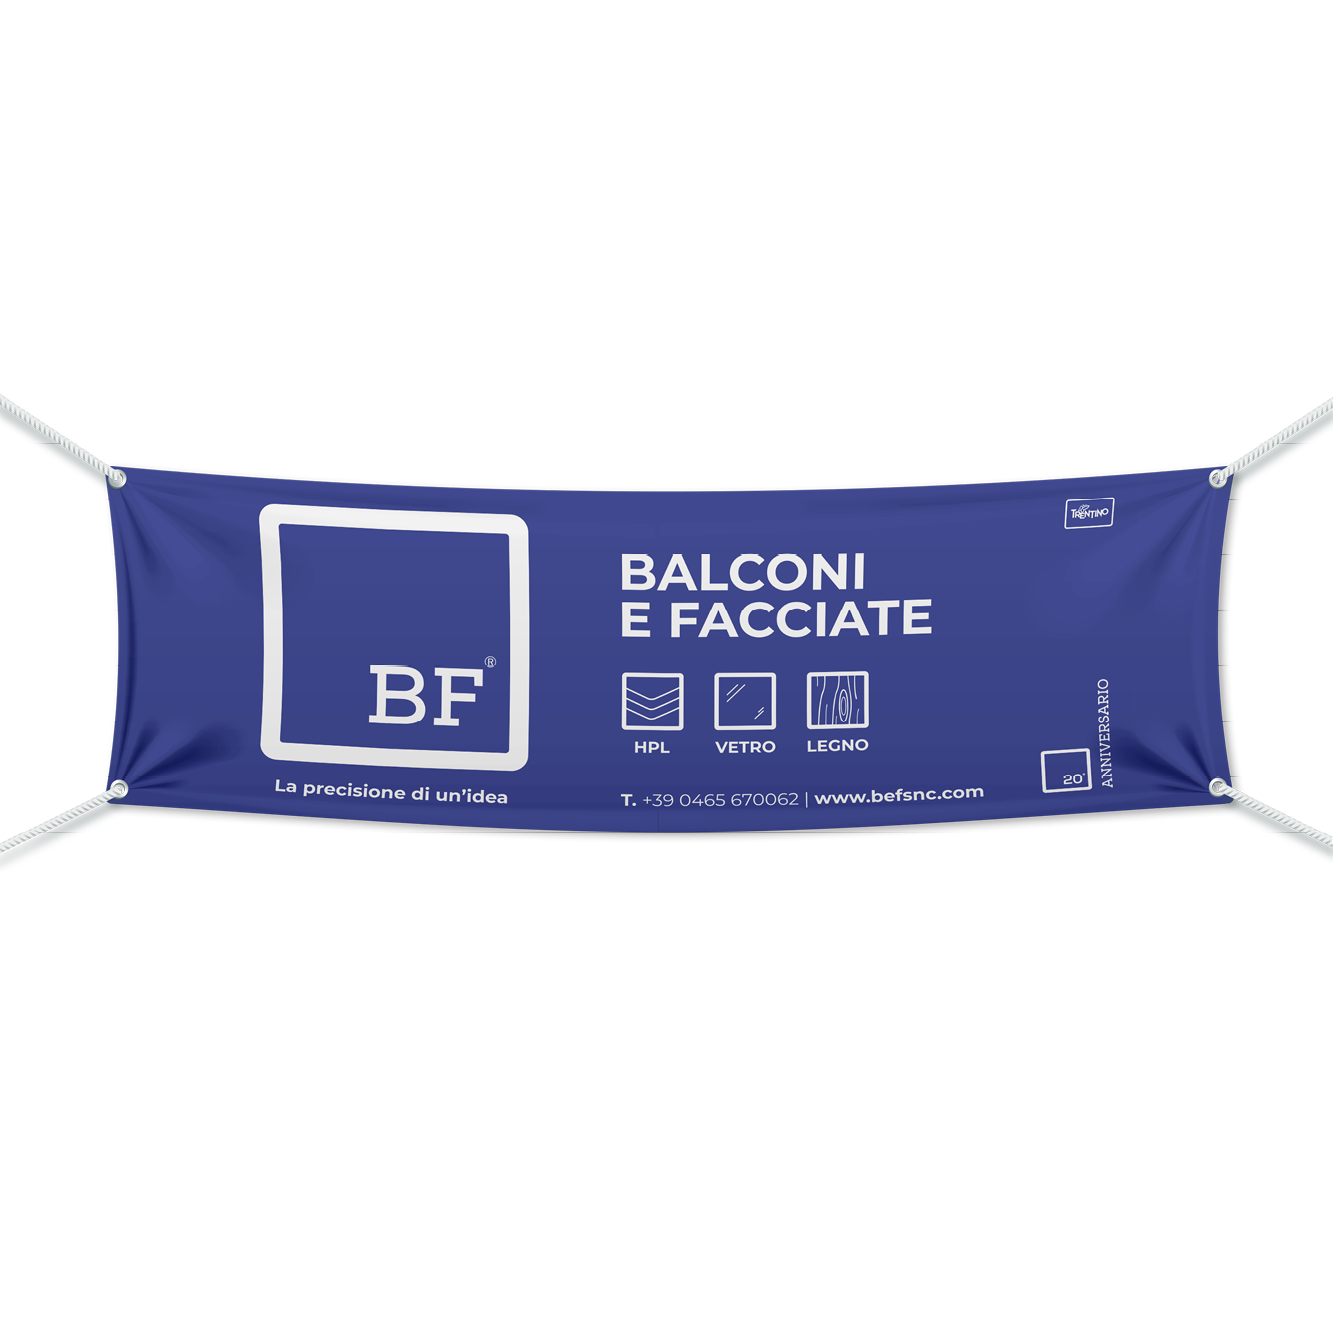 BF Balconi Facciate